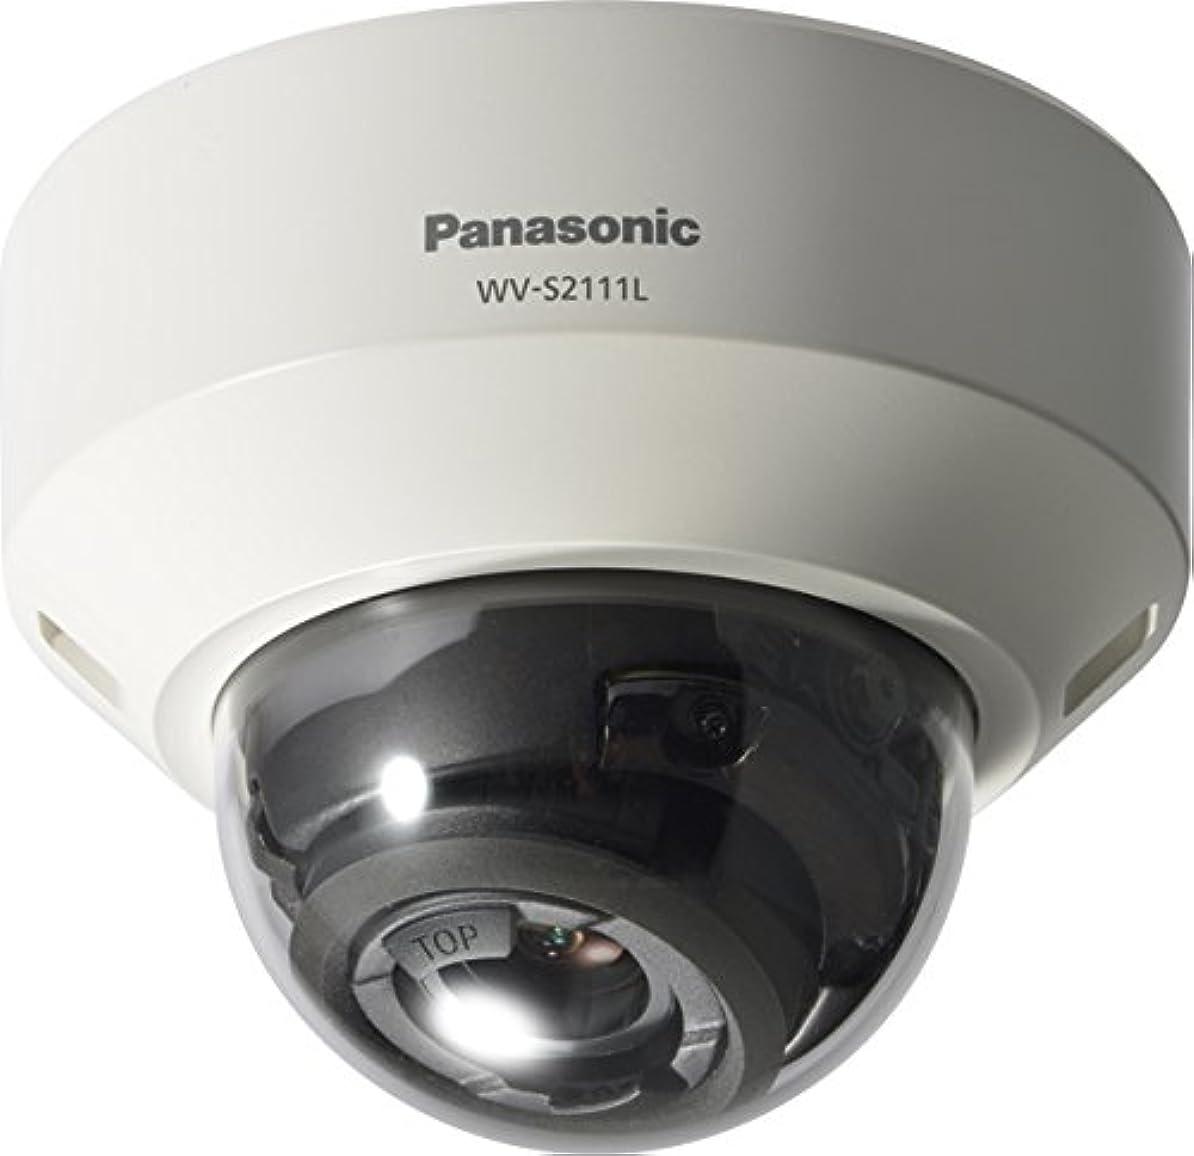 パトロン会員泥パナソニック WV-S2111L 屋内HDドームネットワークカメラ(IR LED)